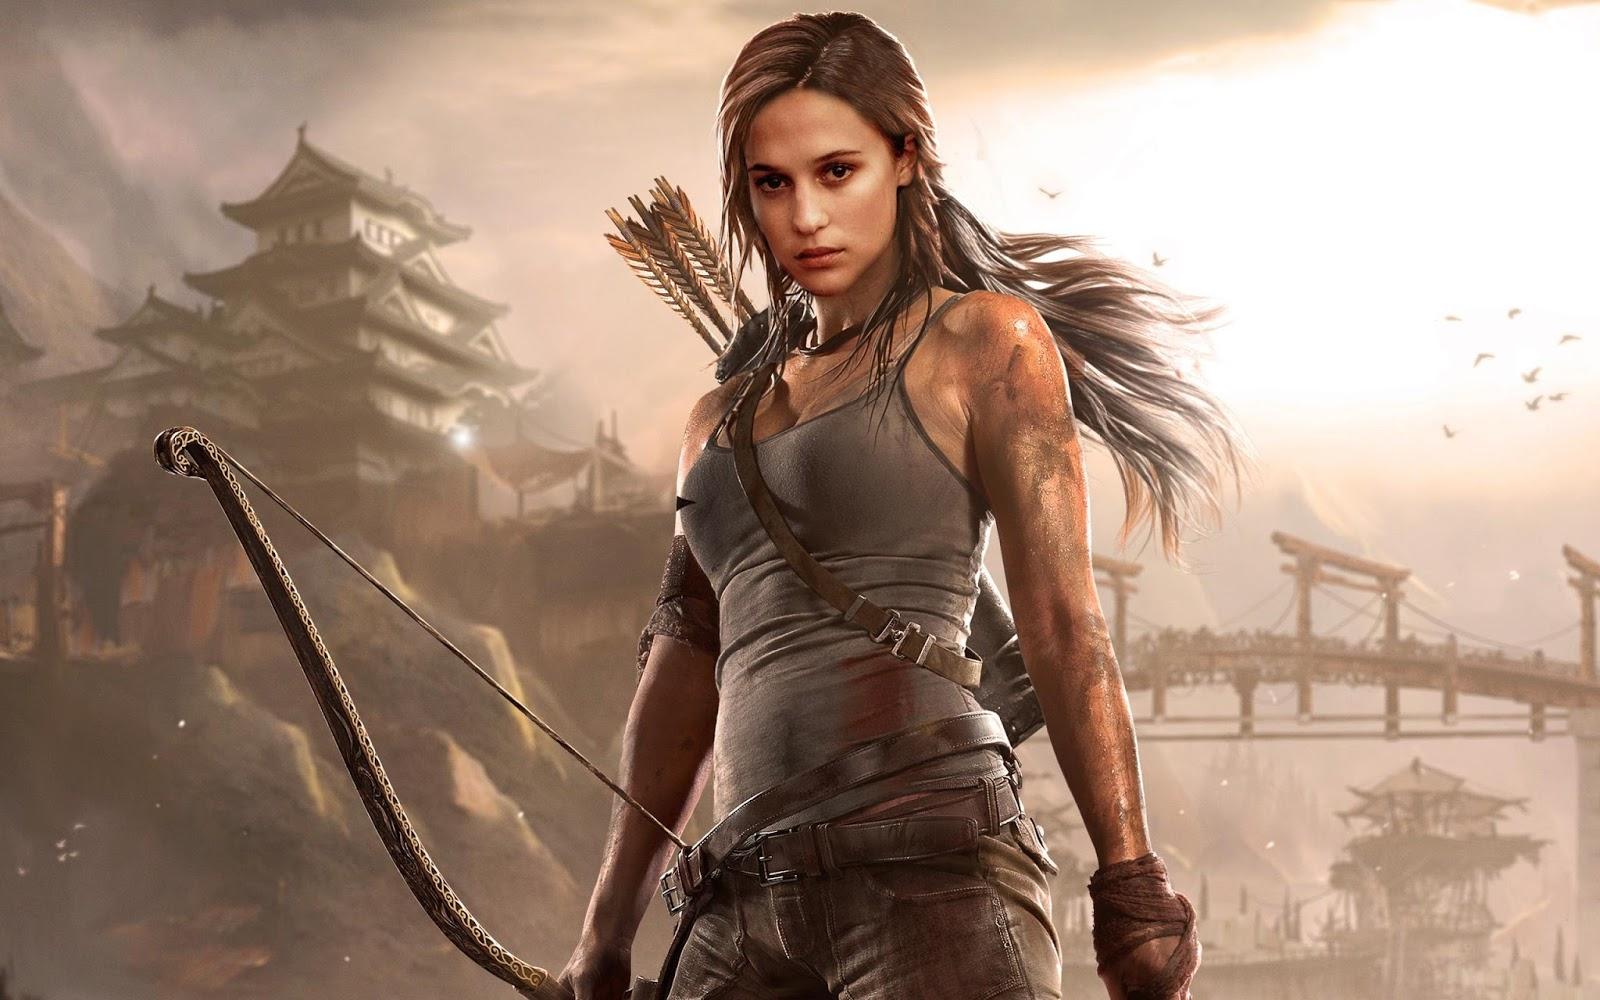 Watch Full Movie Tomb Raider 2018